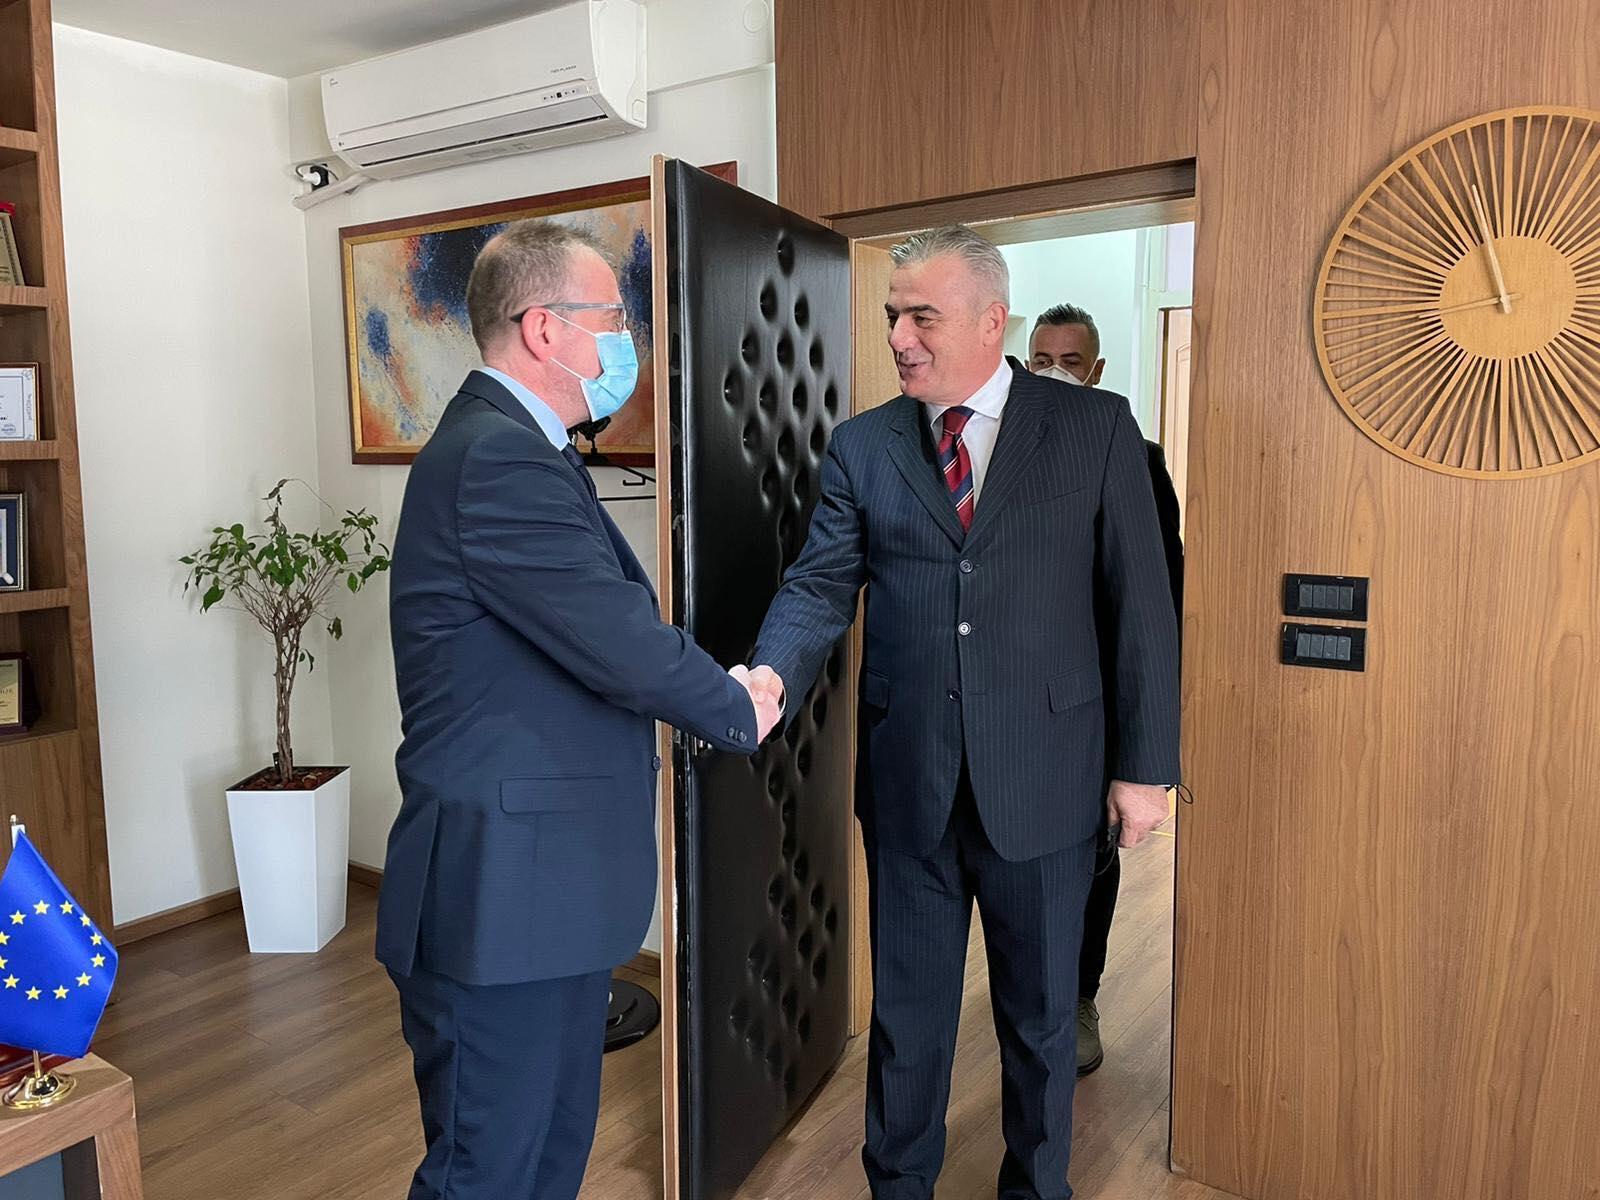 Read more about the article Ne kuader te prezanitimit te ofertes turistike ,sot jam pritur nga kryetari i komunes se Gostivarit Z.Arben Taravari